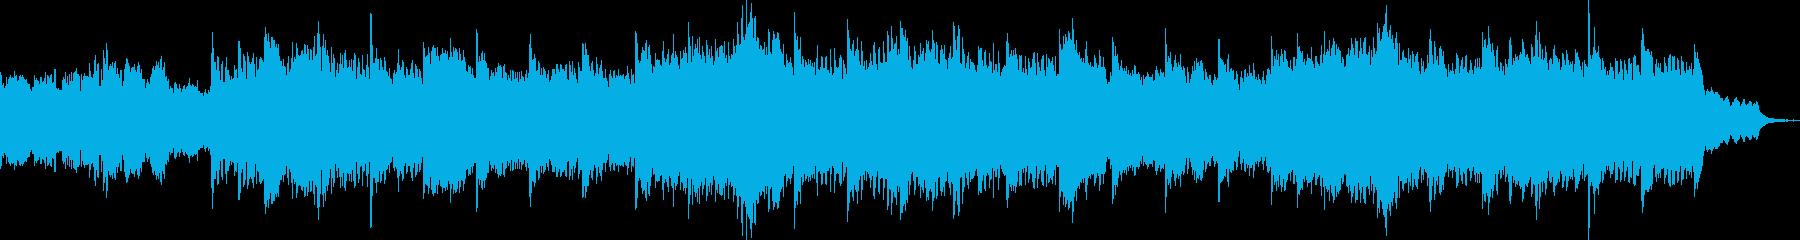 メディテーションなアンビエントの再生済みの波形